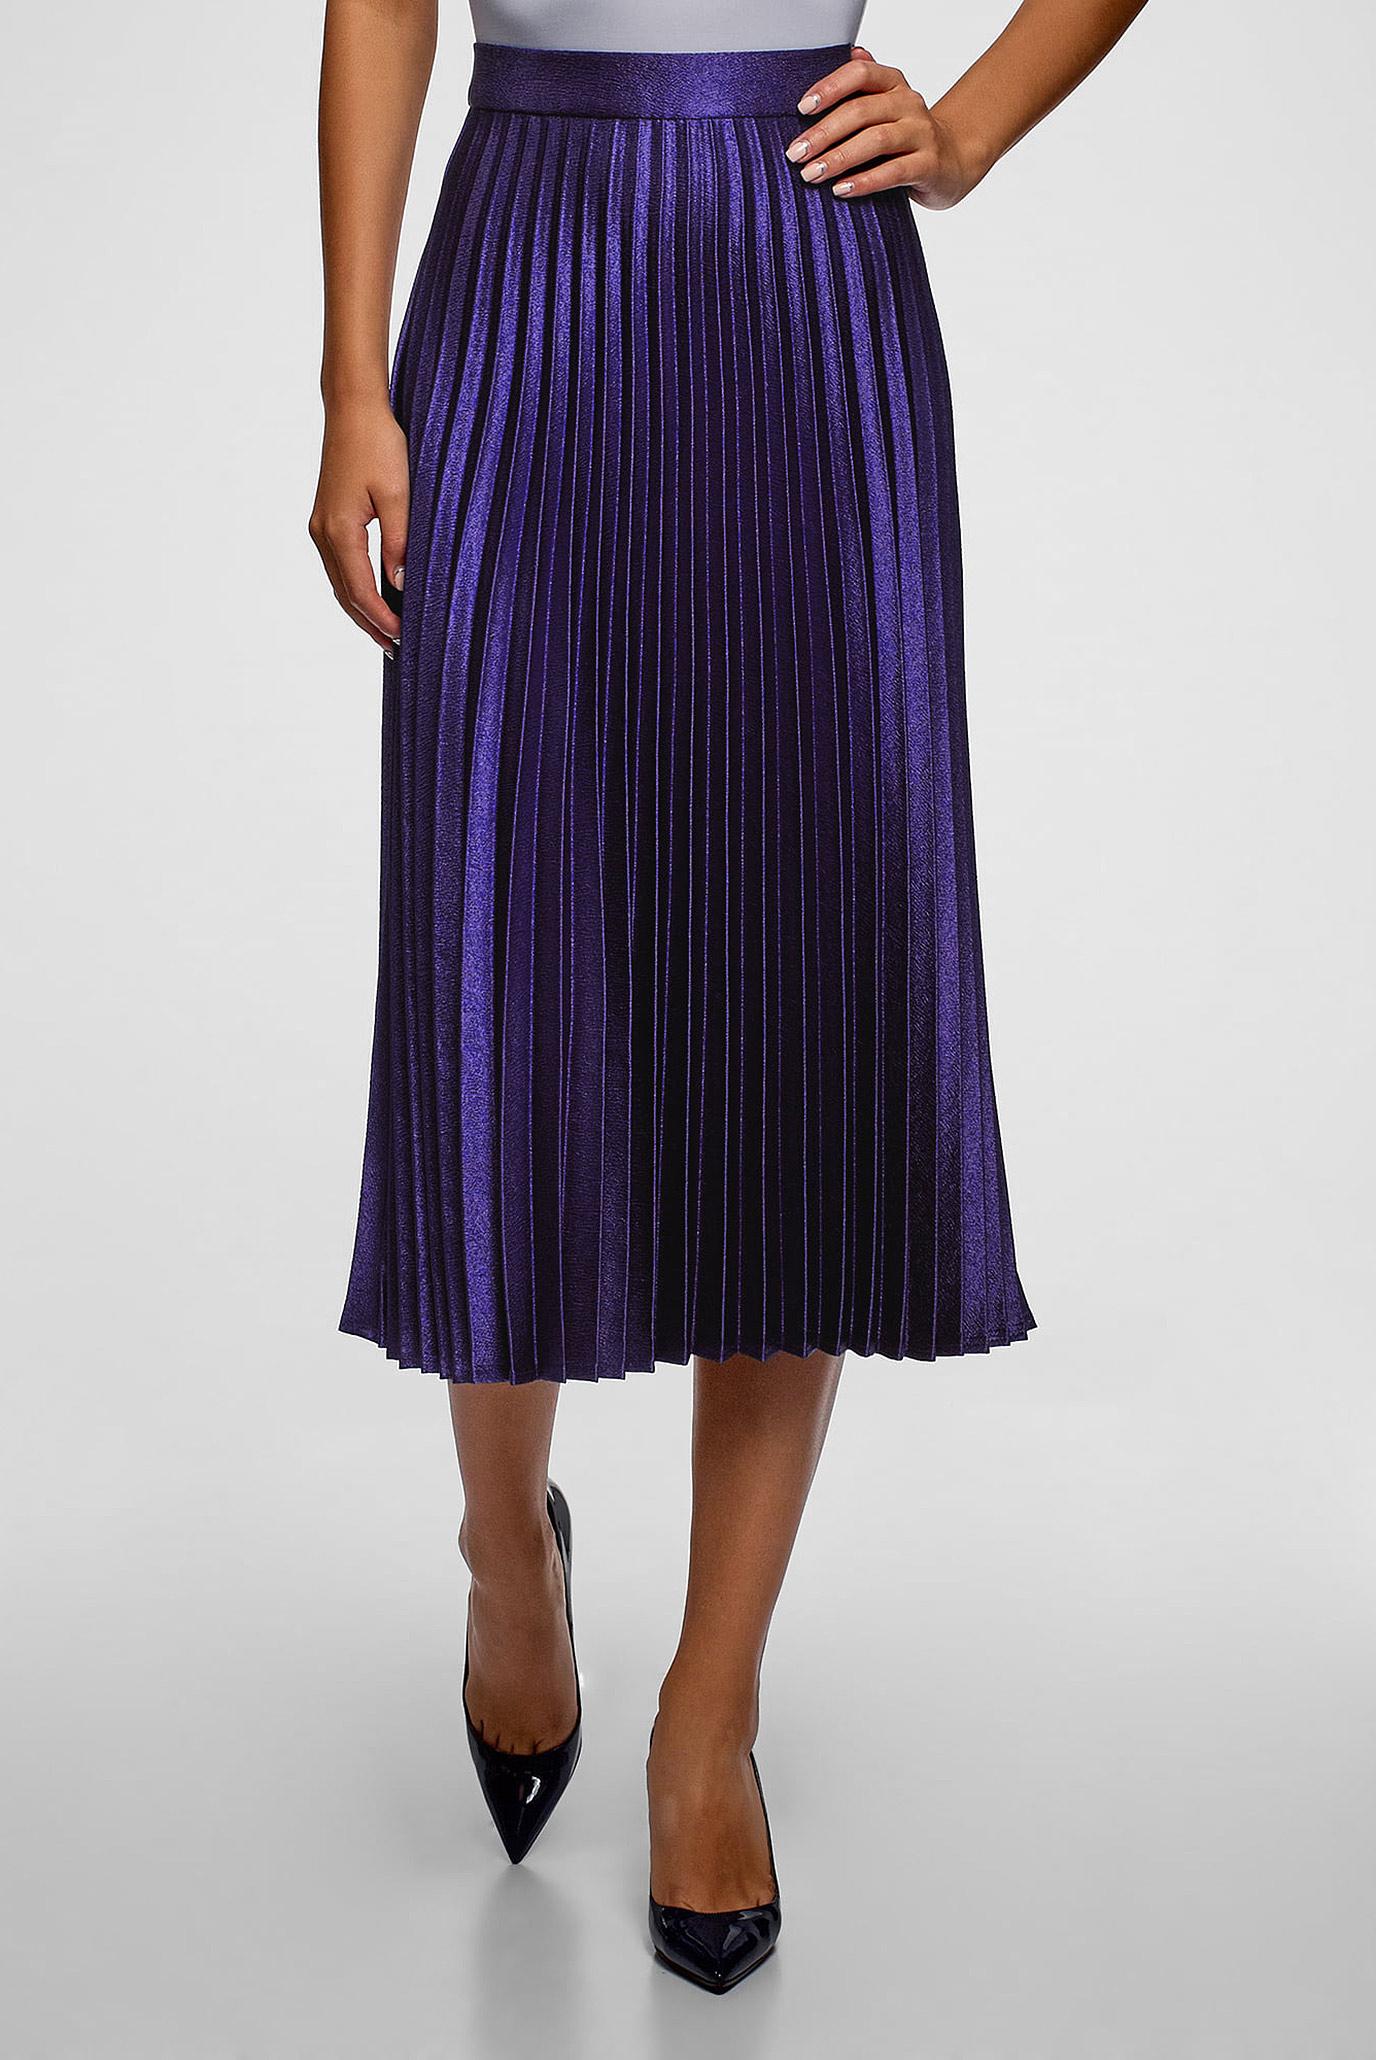 f5210c226ef Купить Женская фиолетовая юбка-плиссе Oodji Oodji 21606020-4 48764 7800N –  Киев